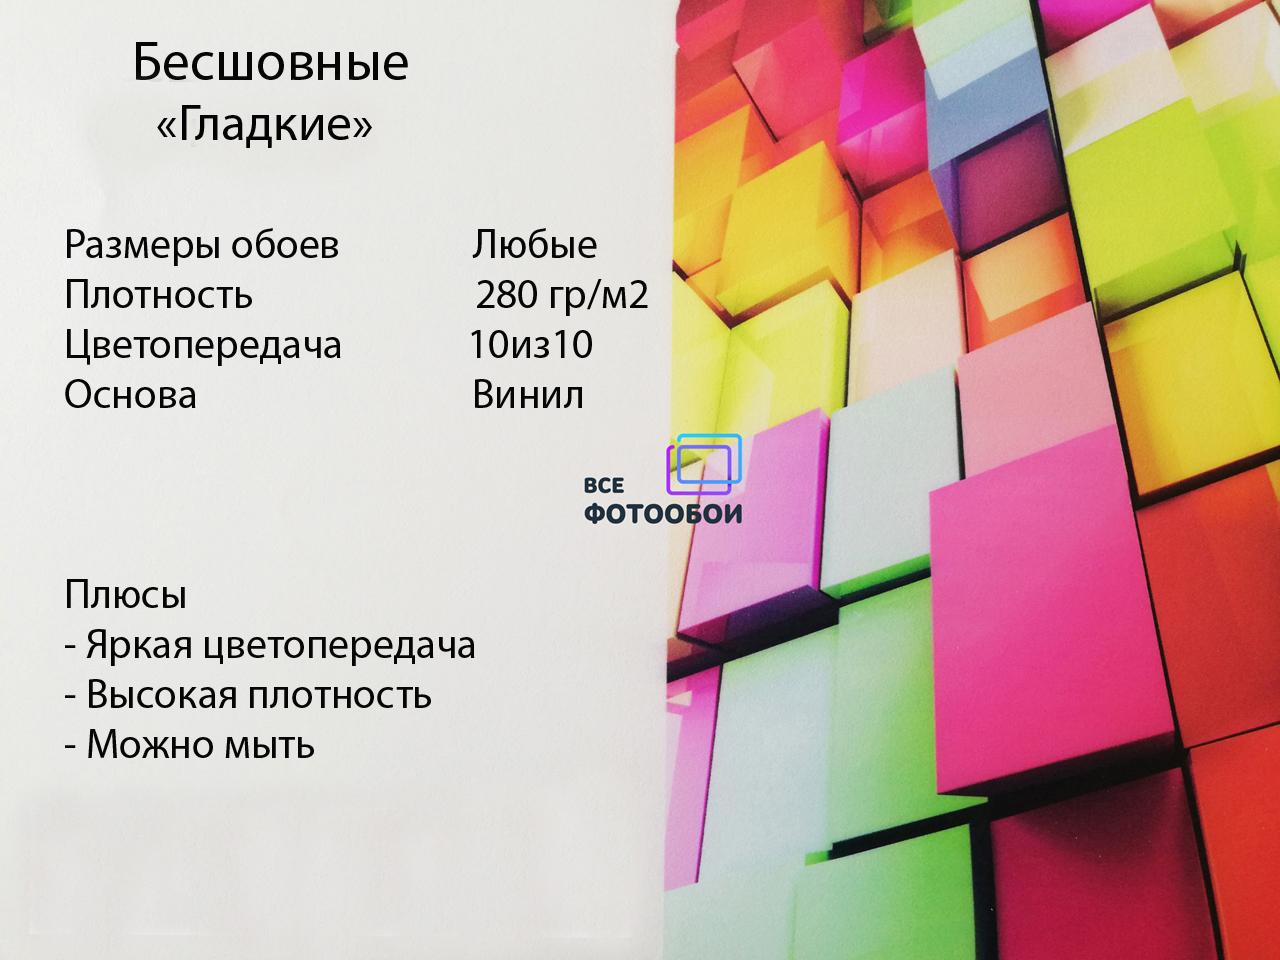 Бесшовные «Гладкие» АКЦИЯ 690р/м2 вместо 1190р!